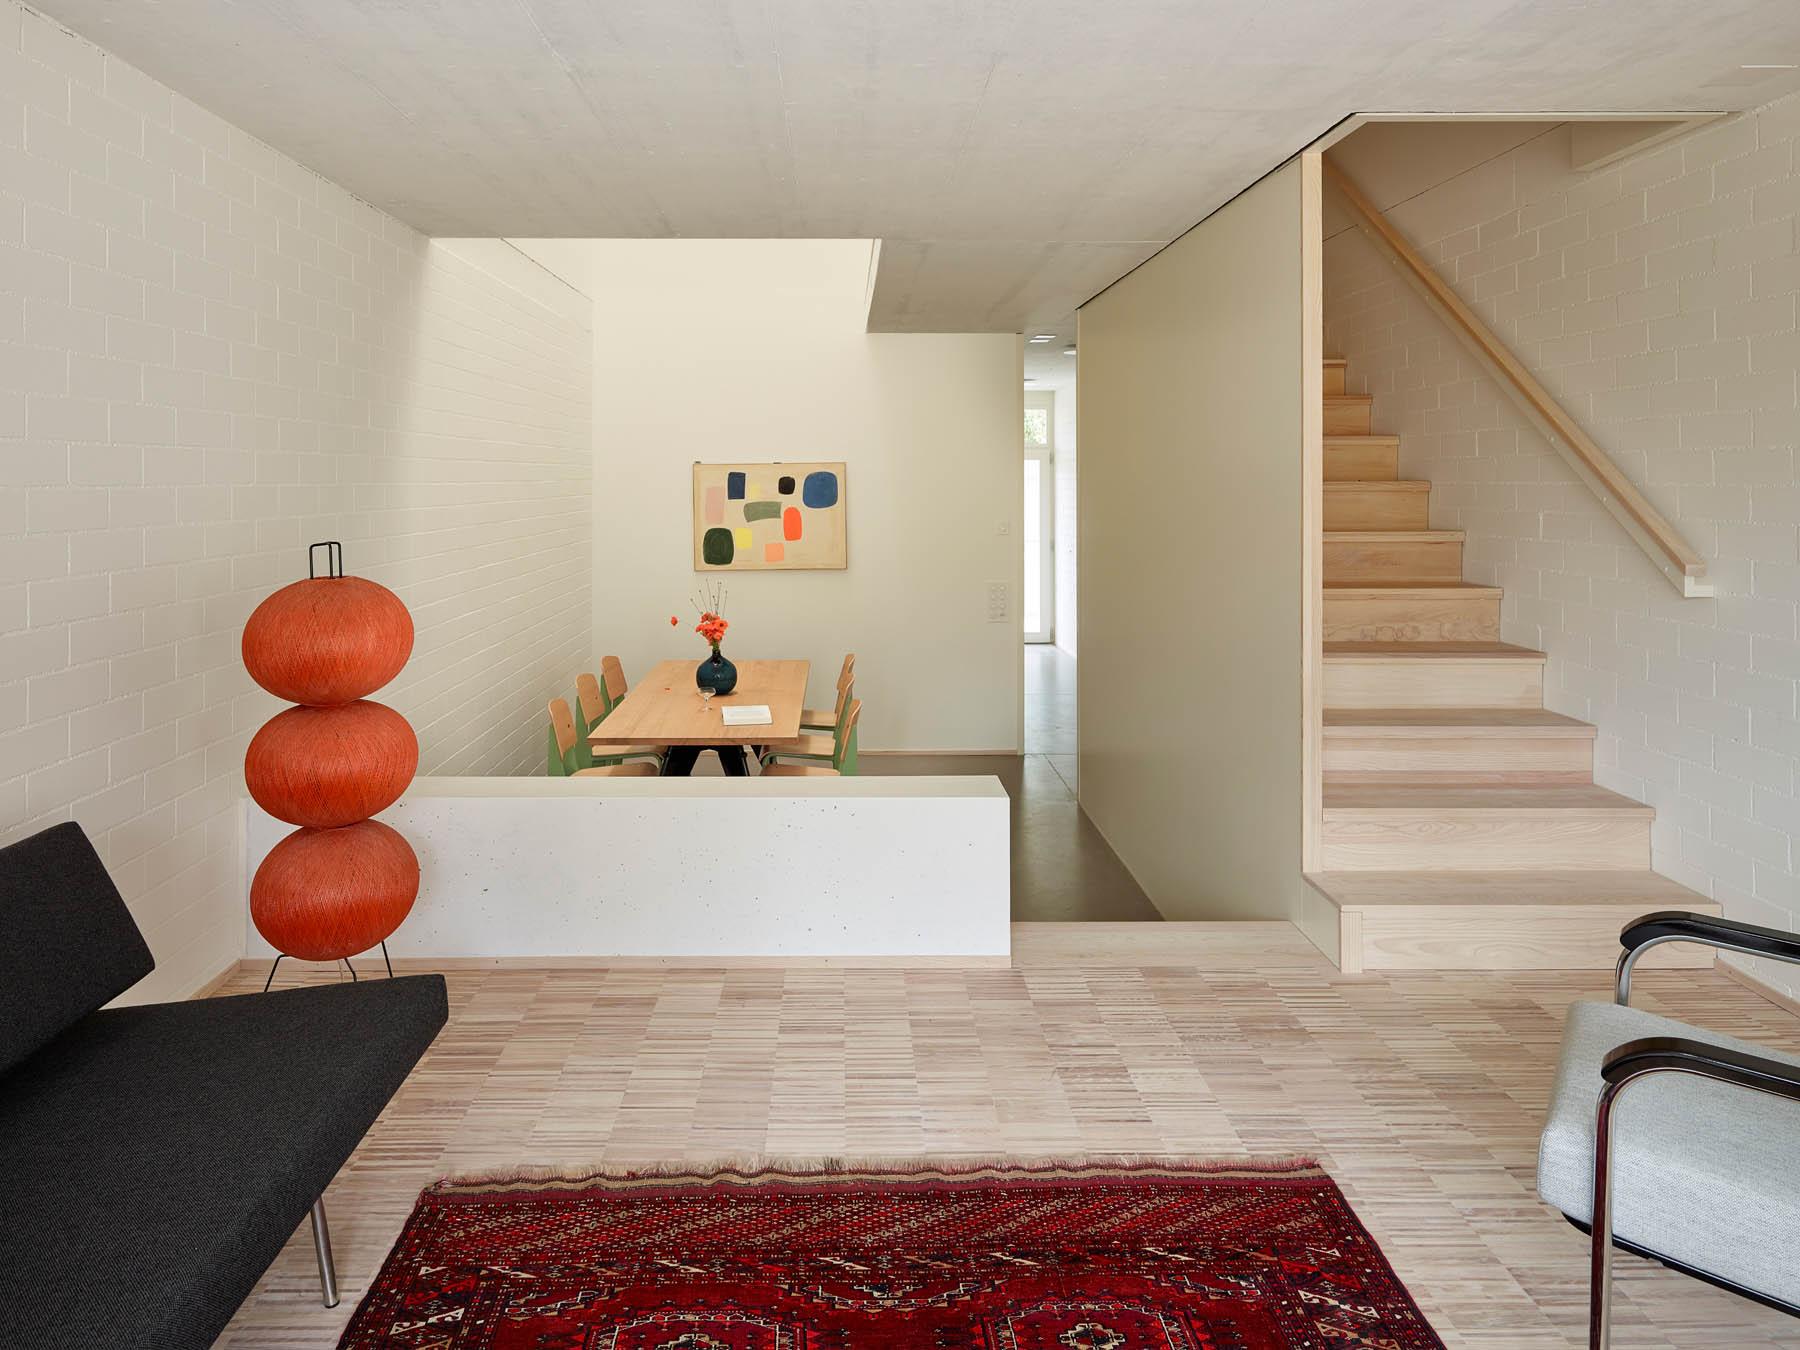 GWG » Flarzett: Angekommen im neuen Zuhause